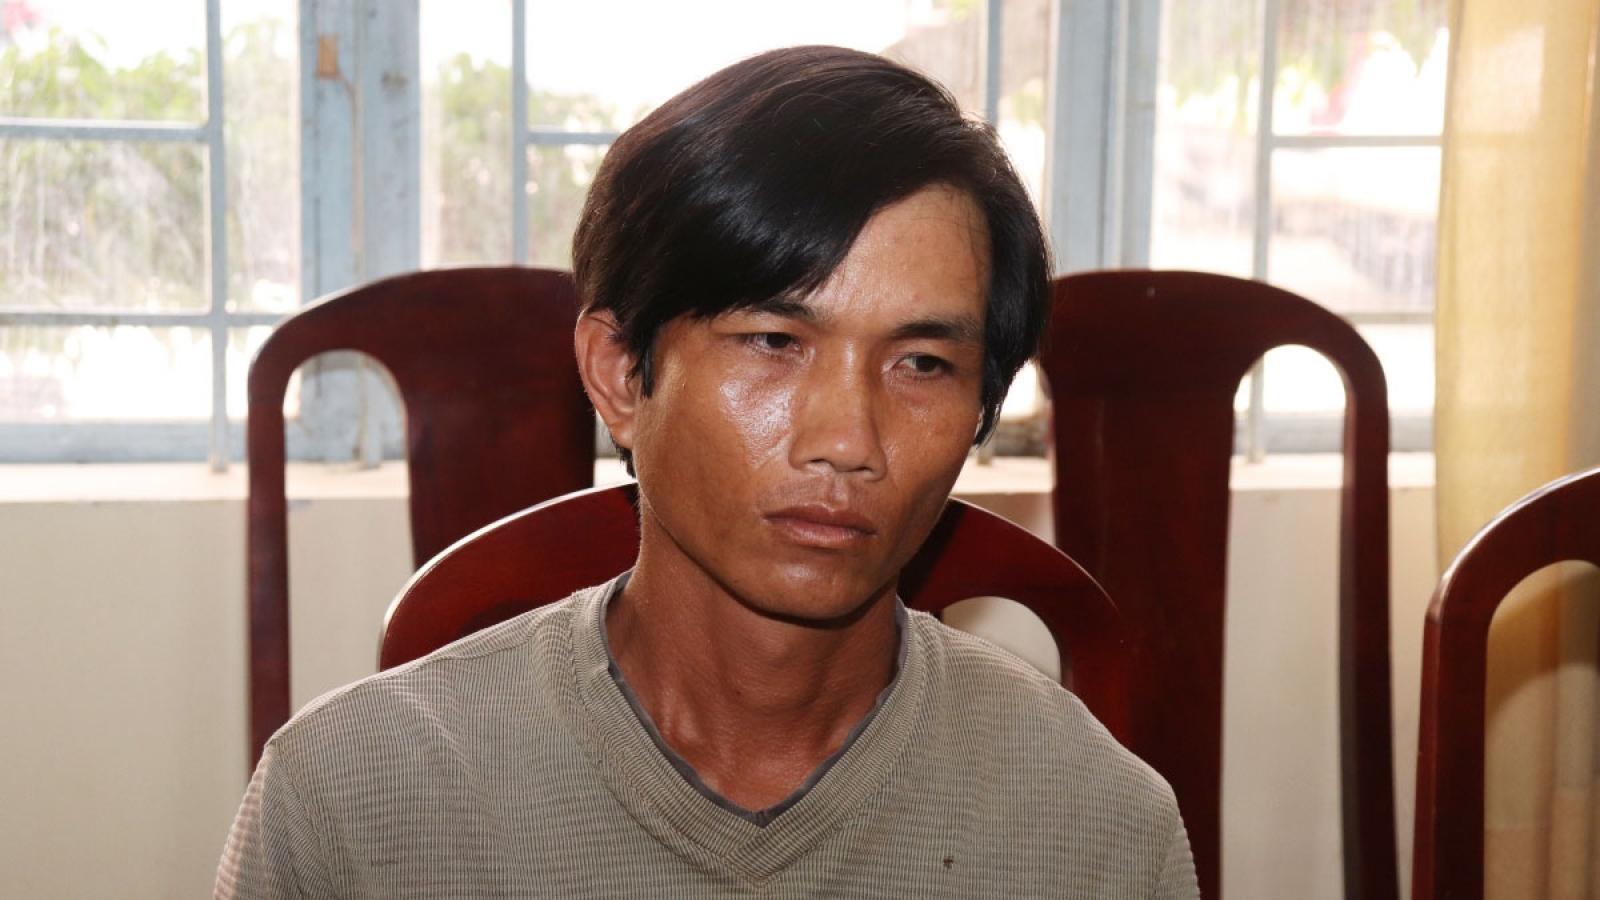 Nóng 24h: Khởi tố, bắt tạm giam cha dượng bạo hành con riêng của vợ